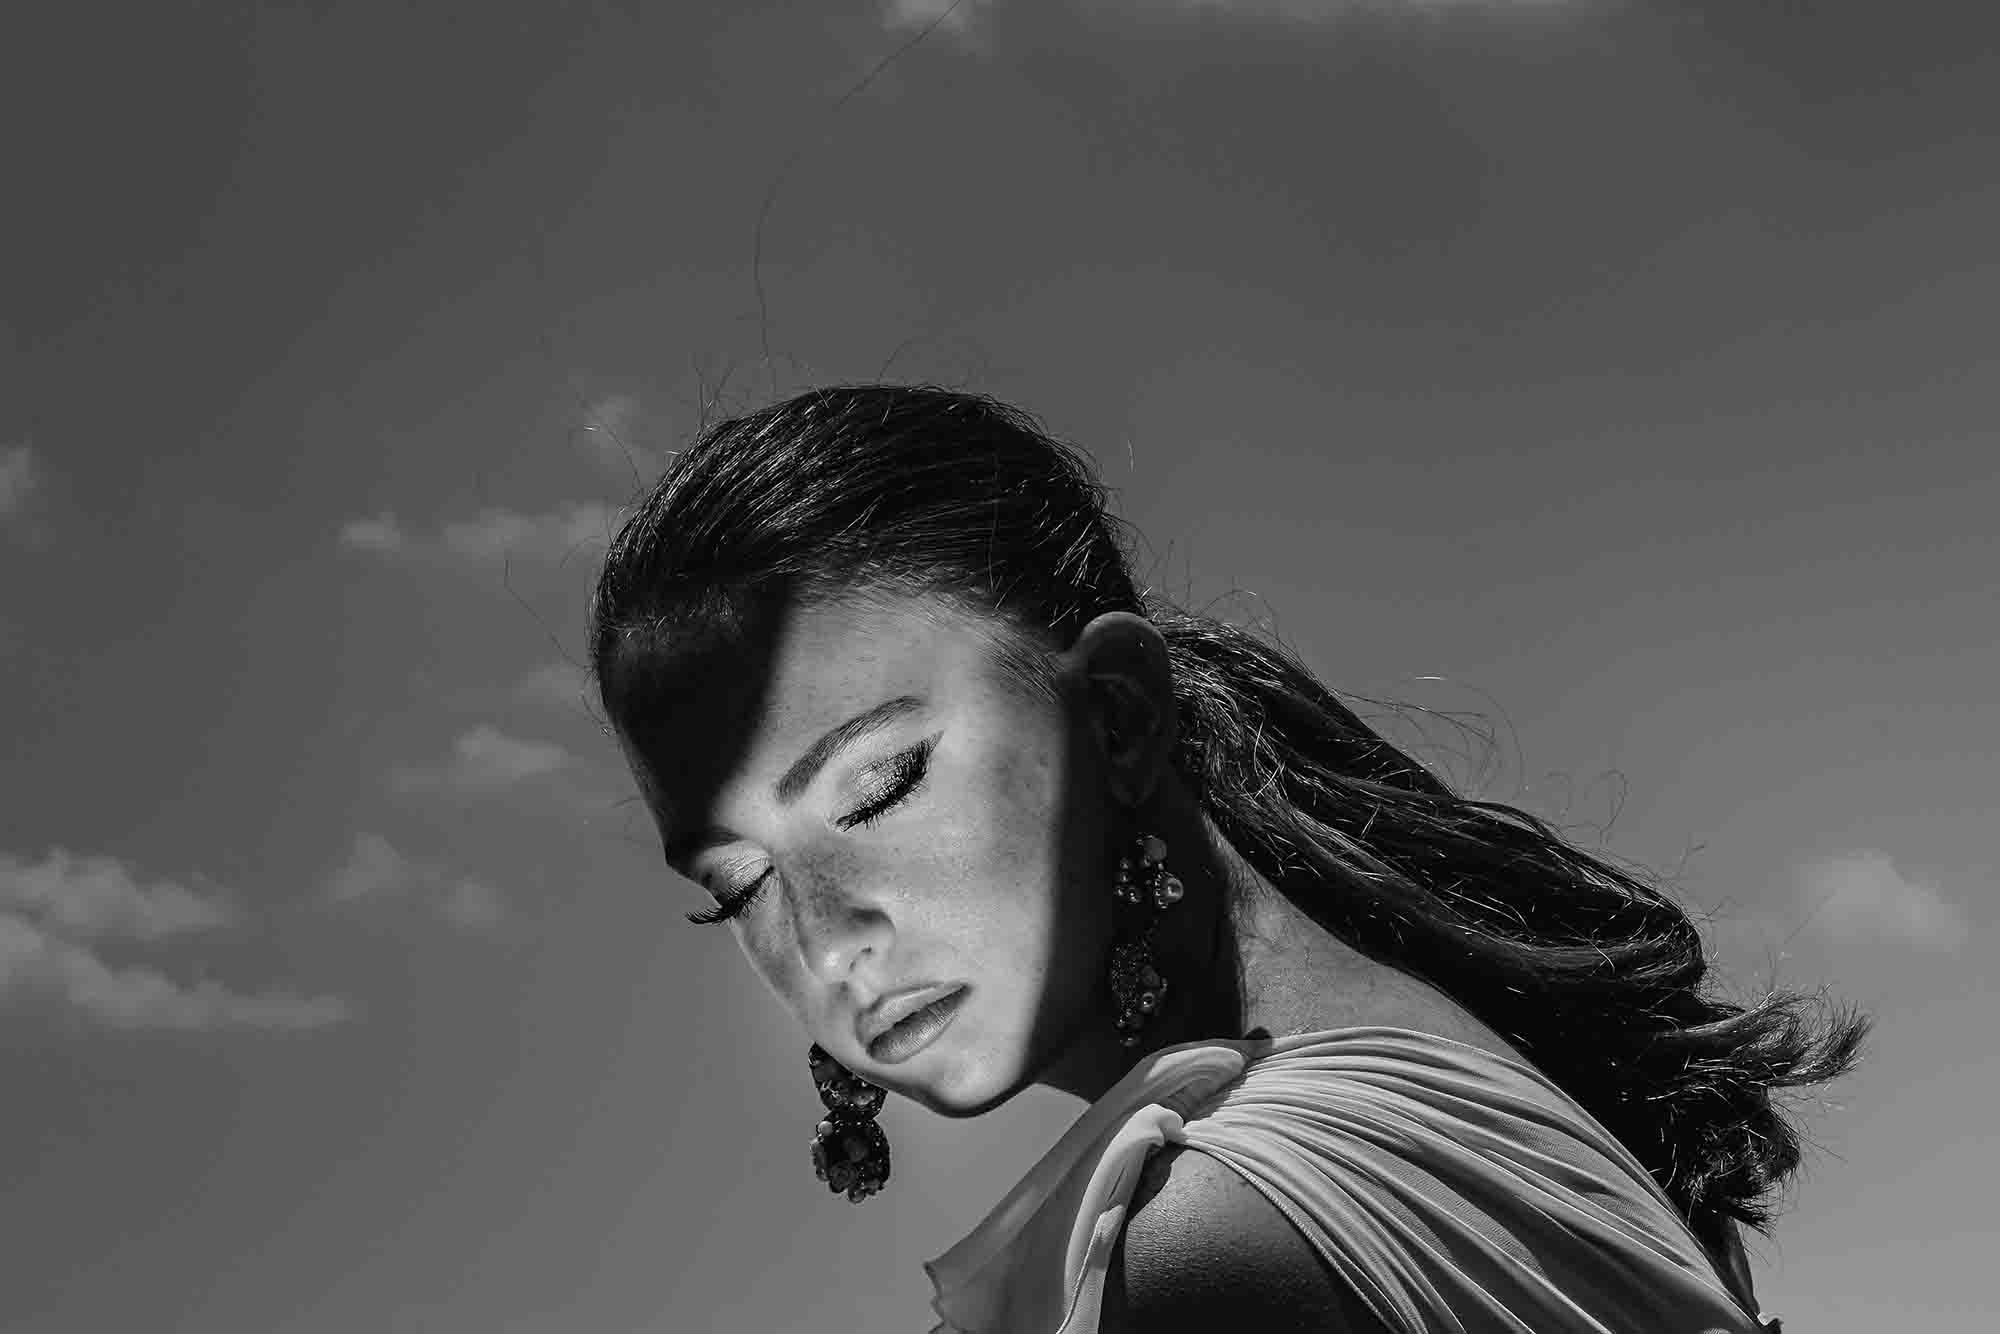 אופנה, איפור, אורנה רימוק, צילום, בן לאון, דוגמנית, אמילי זלצר, מגזין אופנה -1333